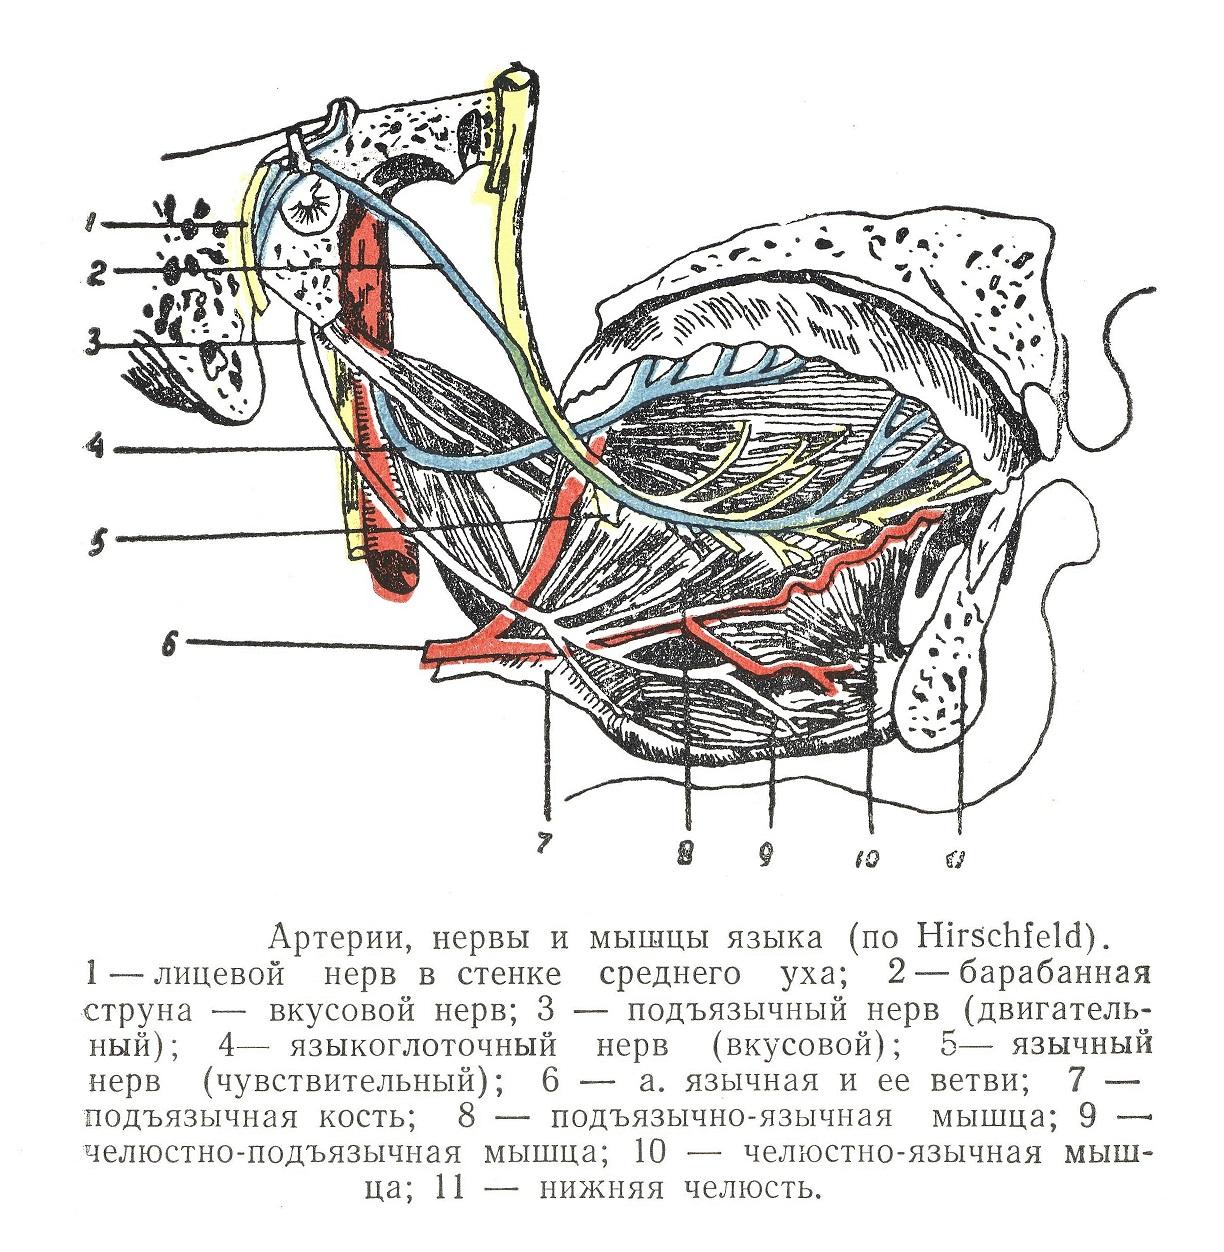 Артерии, вены и мышцы языка